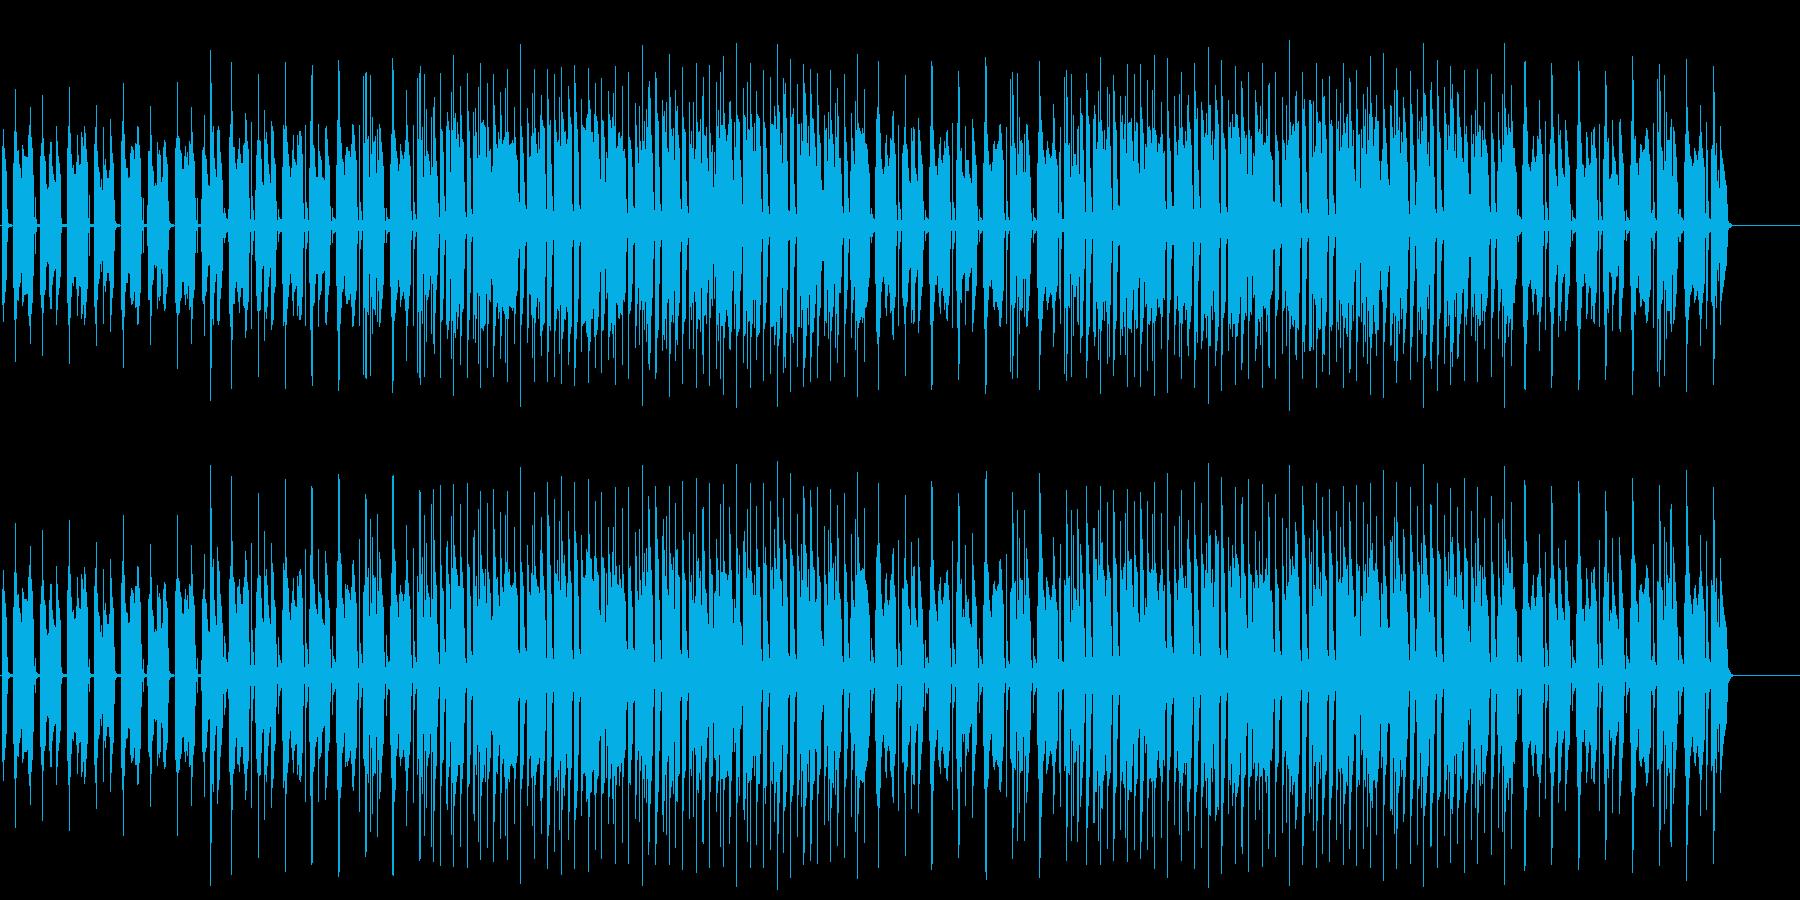 動物を観察する怪しいマイナーテクノポップの再生済みの波形